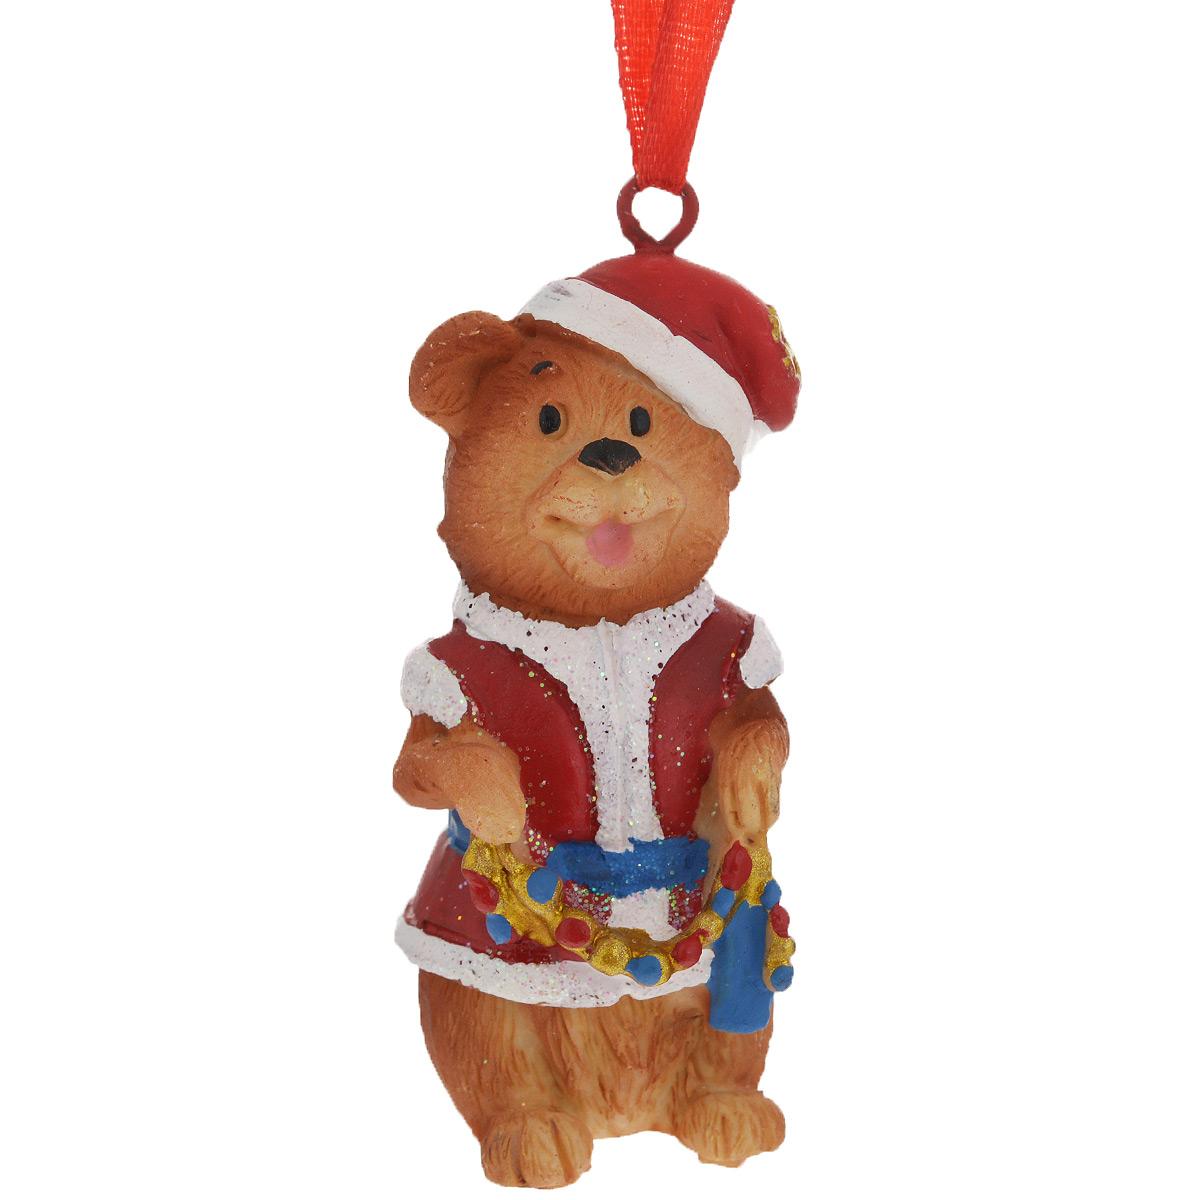 Новогоднее подвесное украшение Мишка в костюме Деда Мороза. 3459009840-20.000.00Оригинальное новогоднее украшение из пластика прекрасно подойдет для праздничного декора дома и новогодней ели. Изделие крепится на елку с помощью металлического зажима.